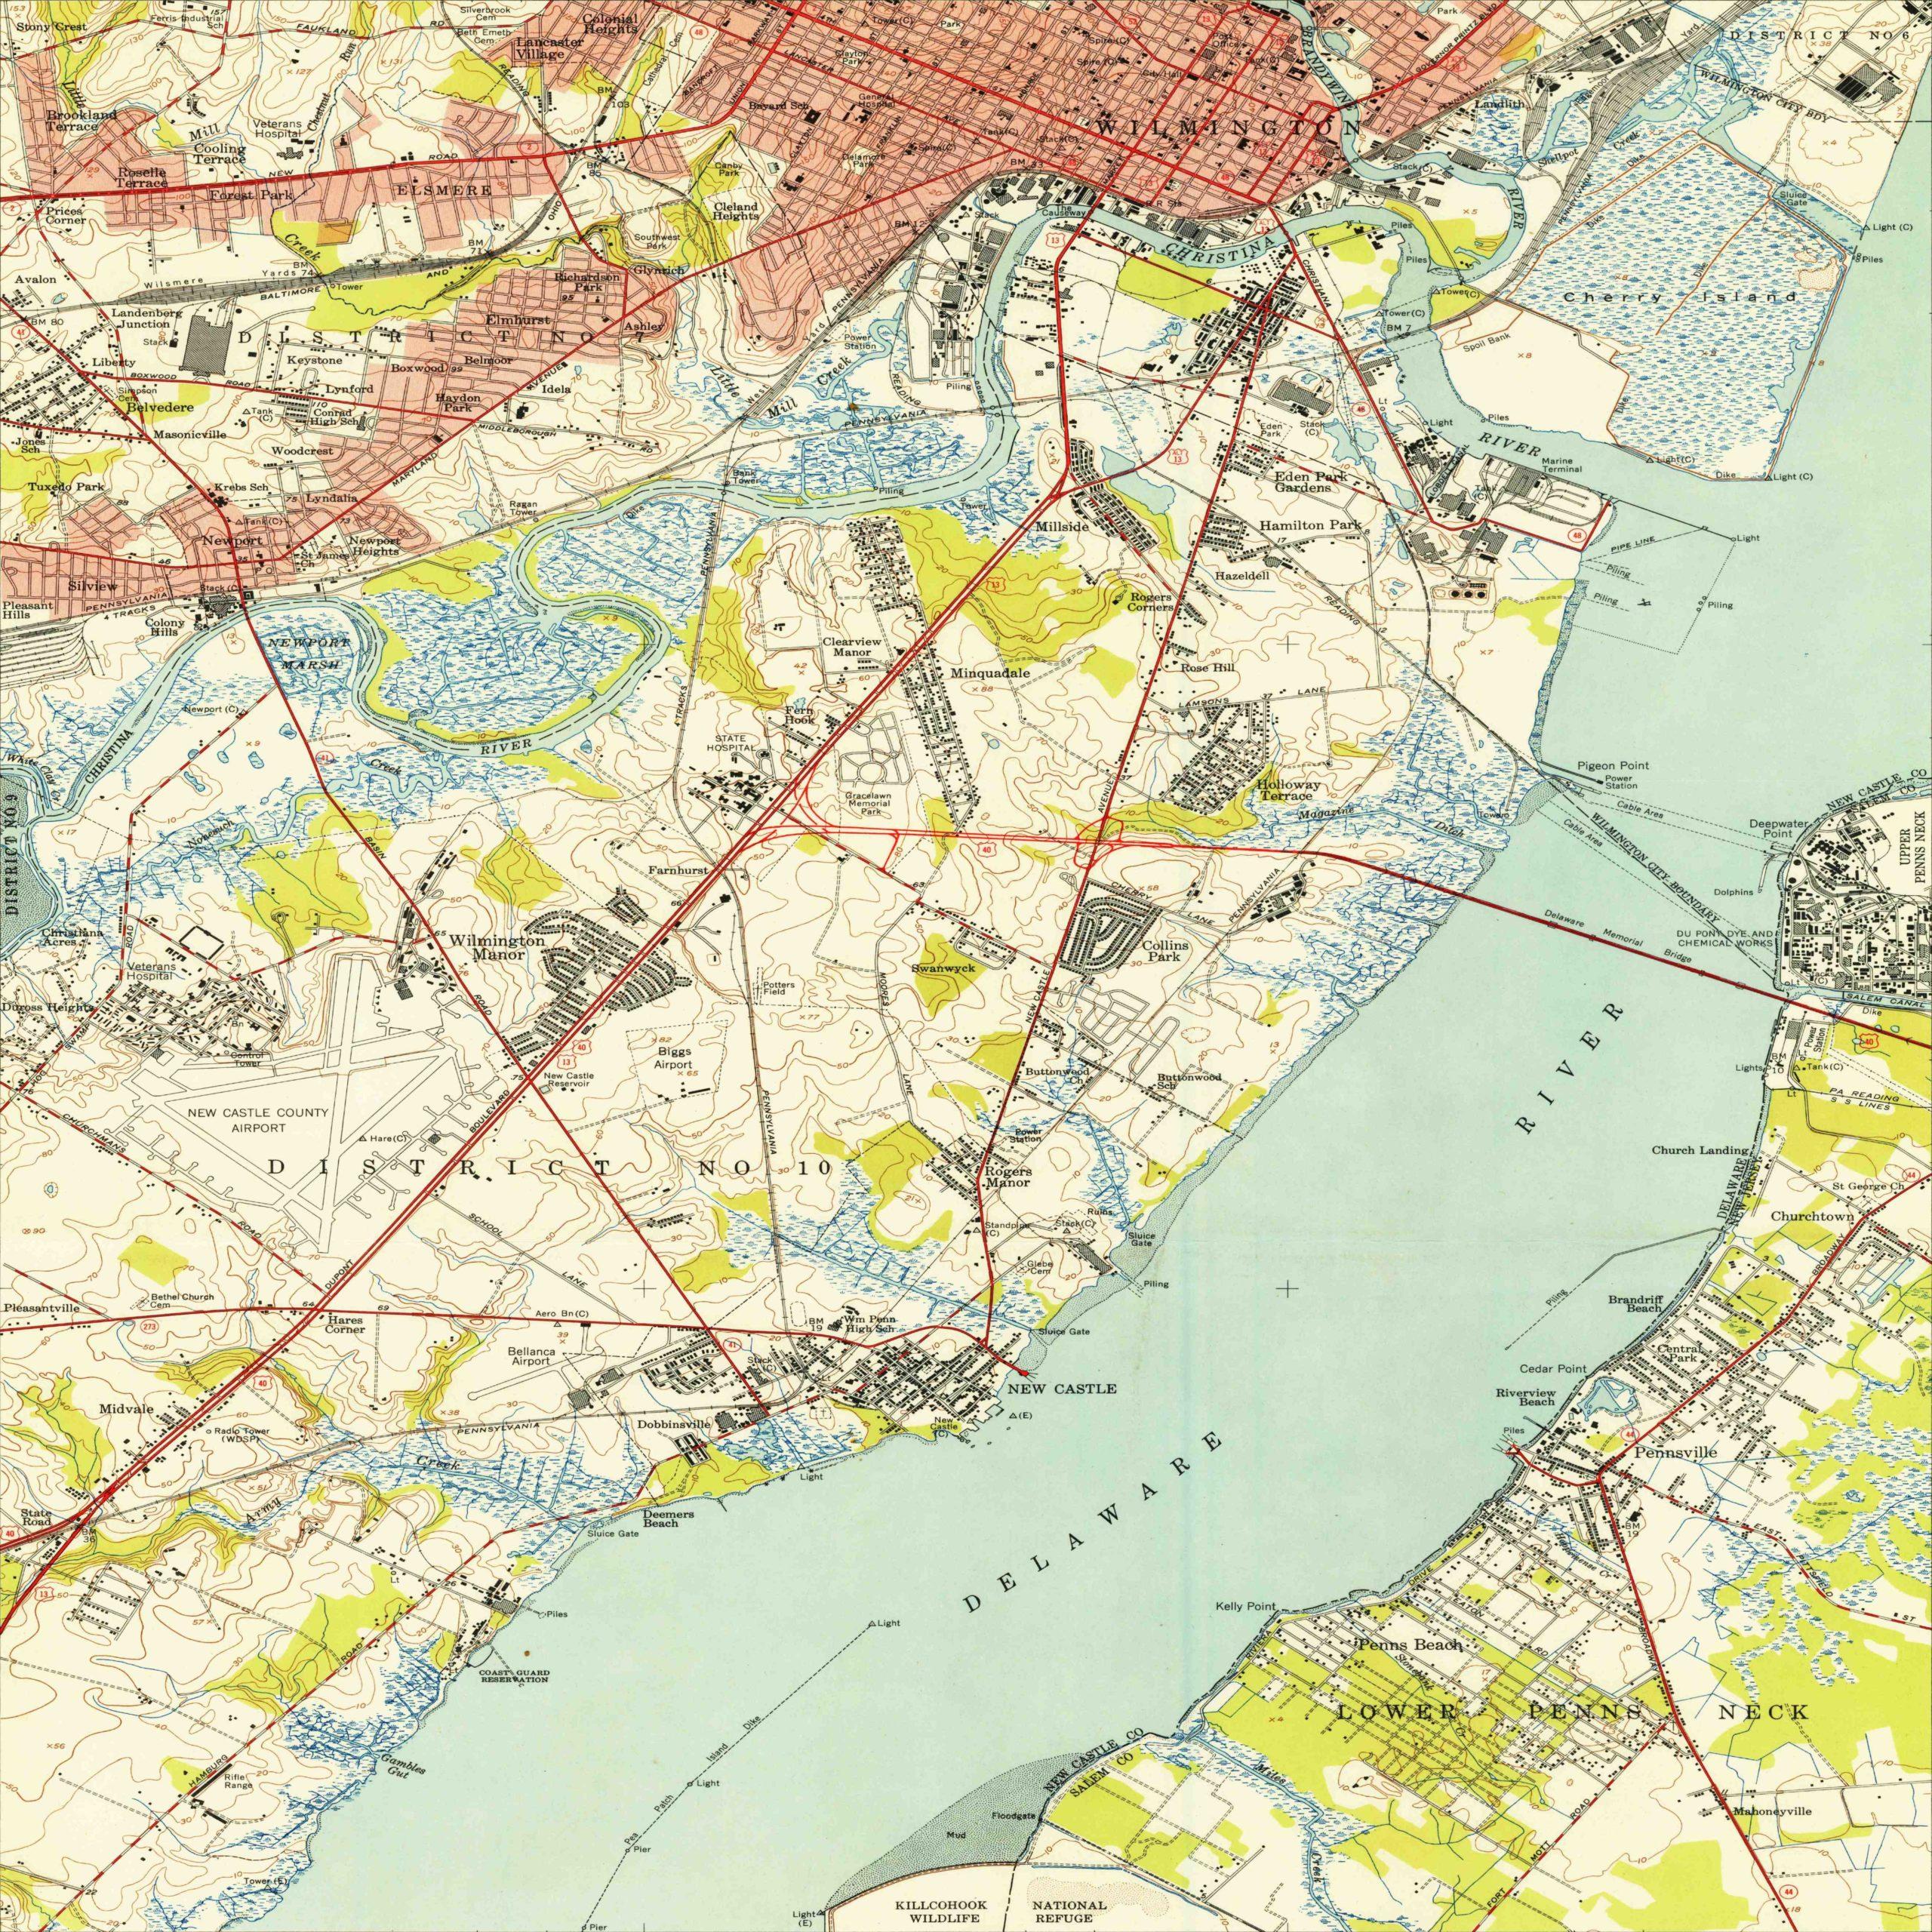 1948 Wilmington, DE and surroundings